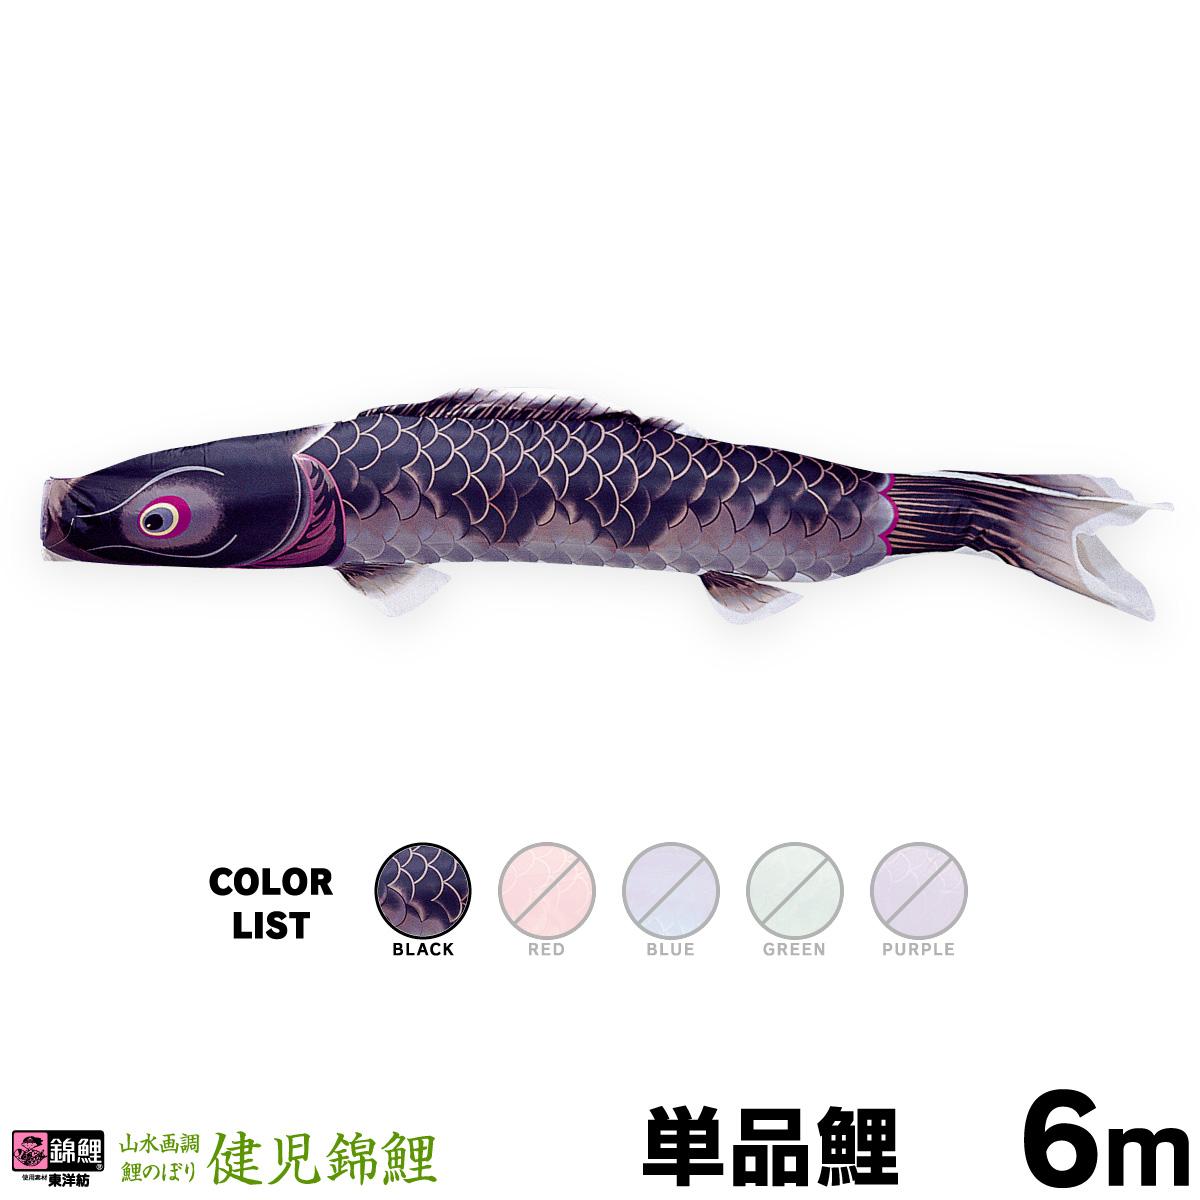 【こいのぼり 単品】 健児錦鯉 6m 単品鯉